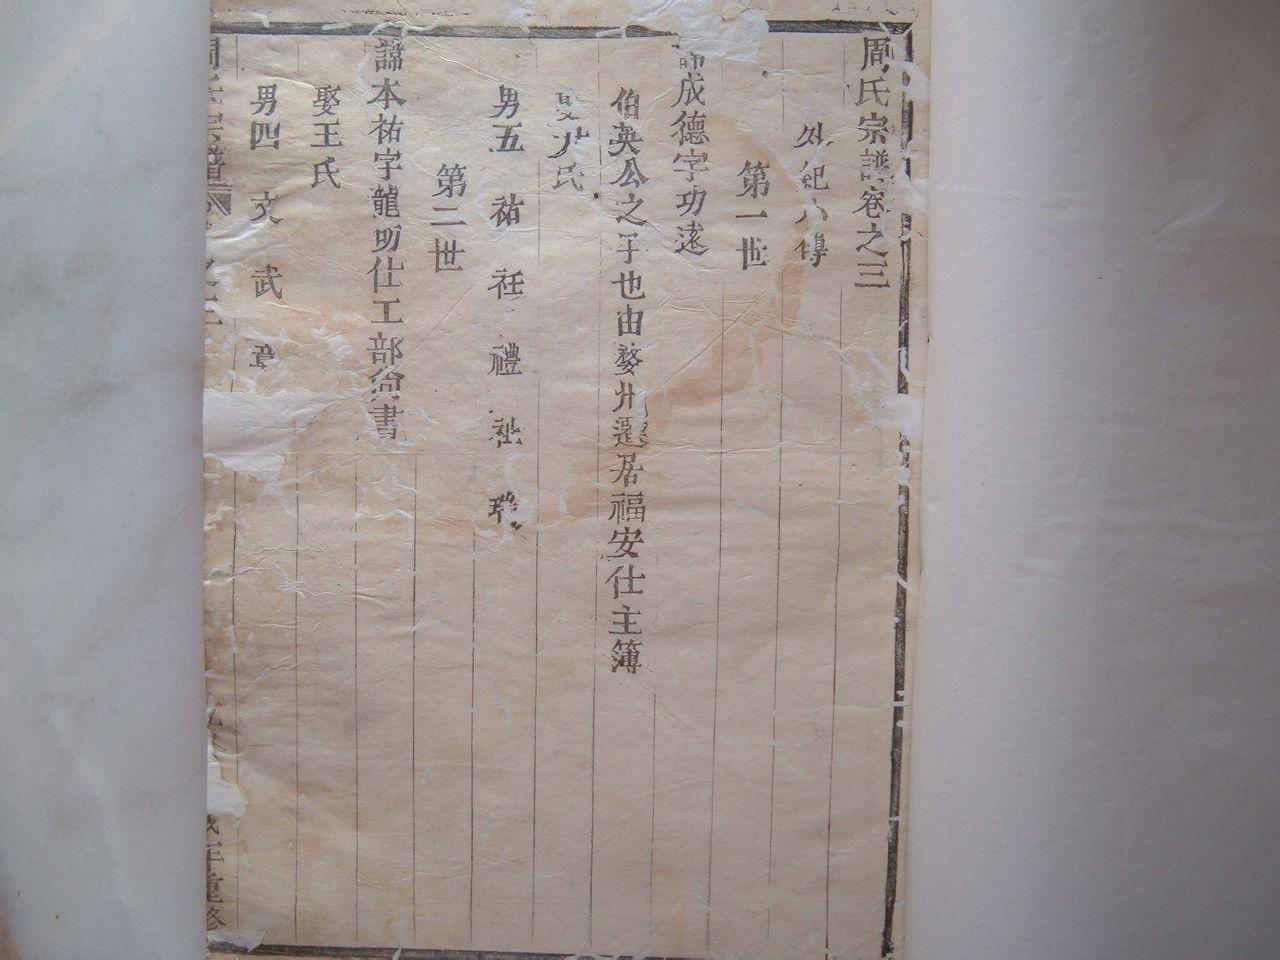 《周氏族谱》图片